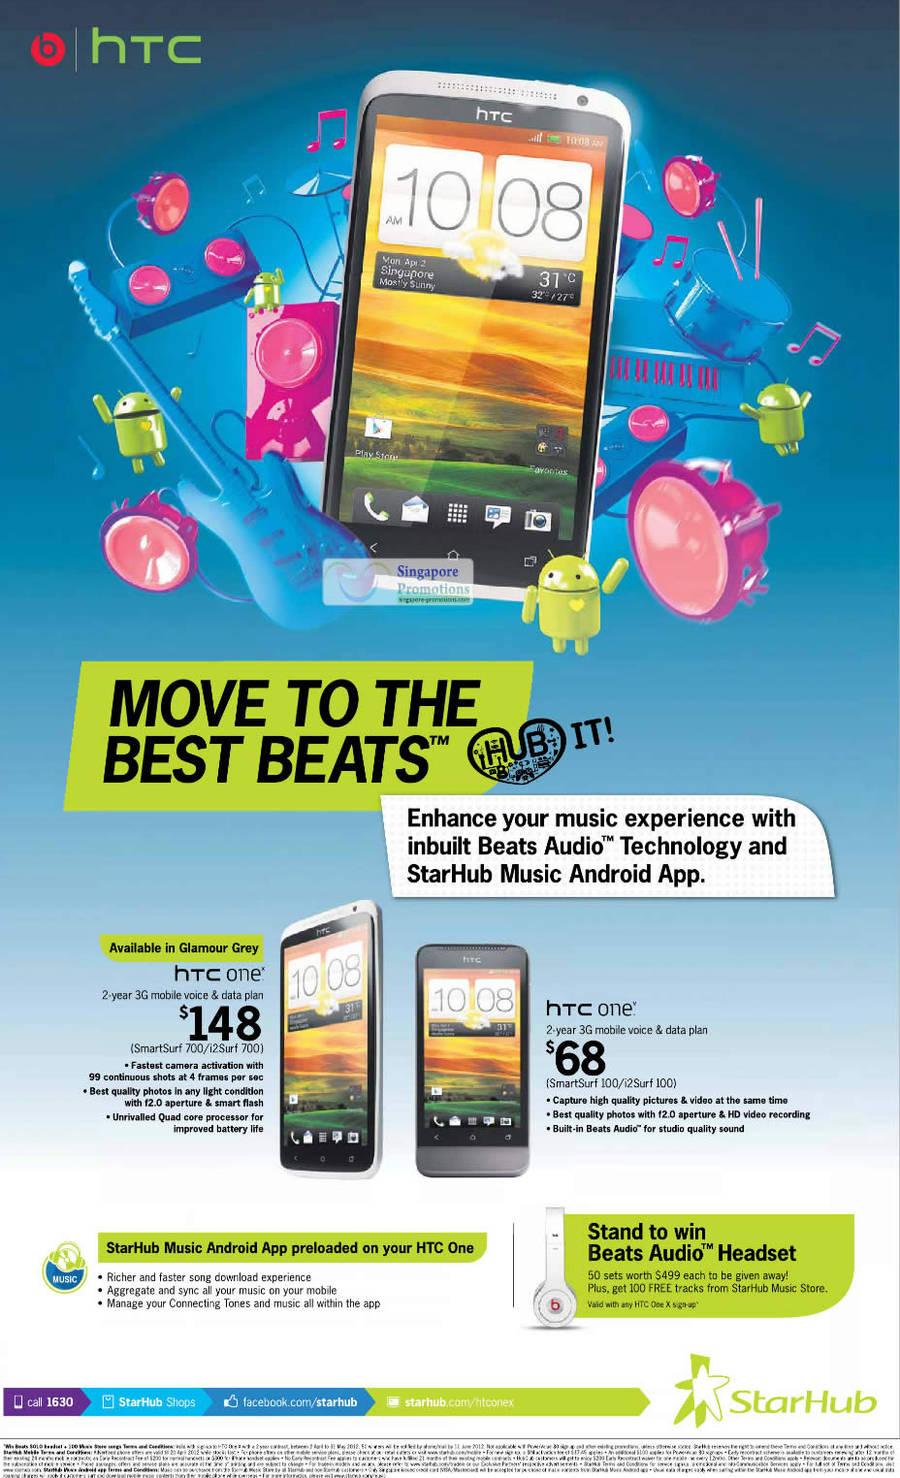 HTC One X, HTC One V